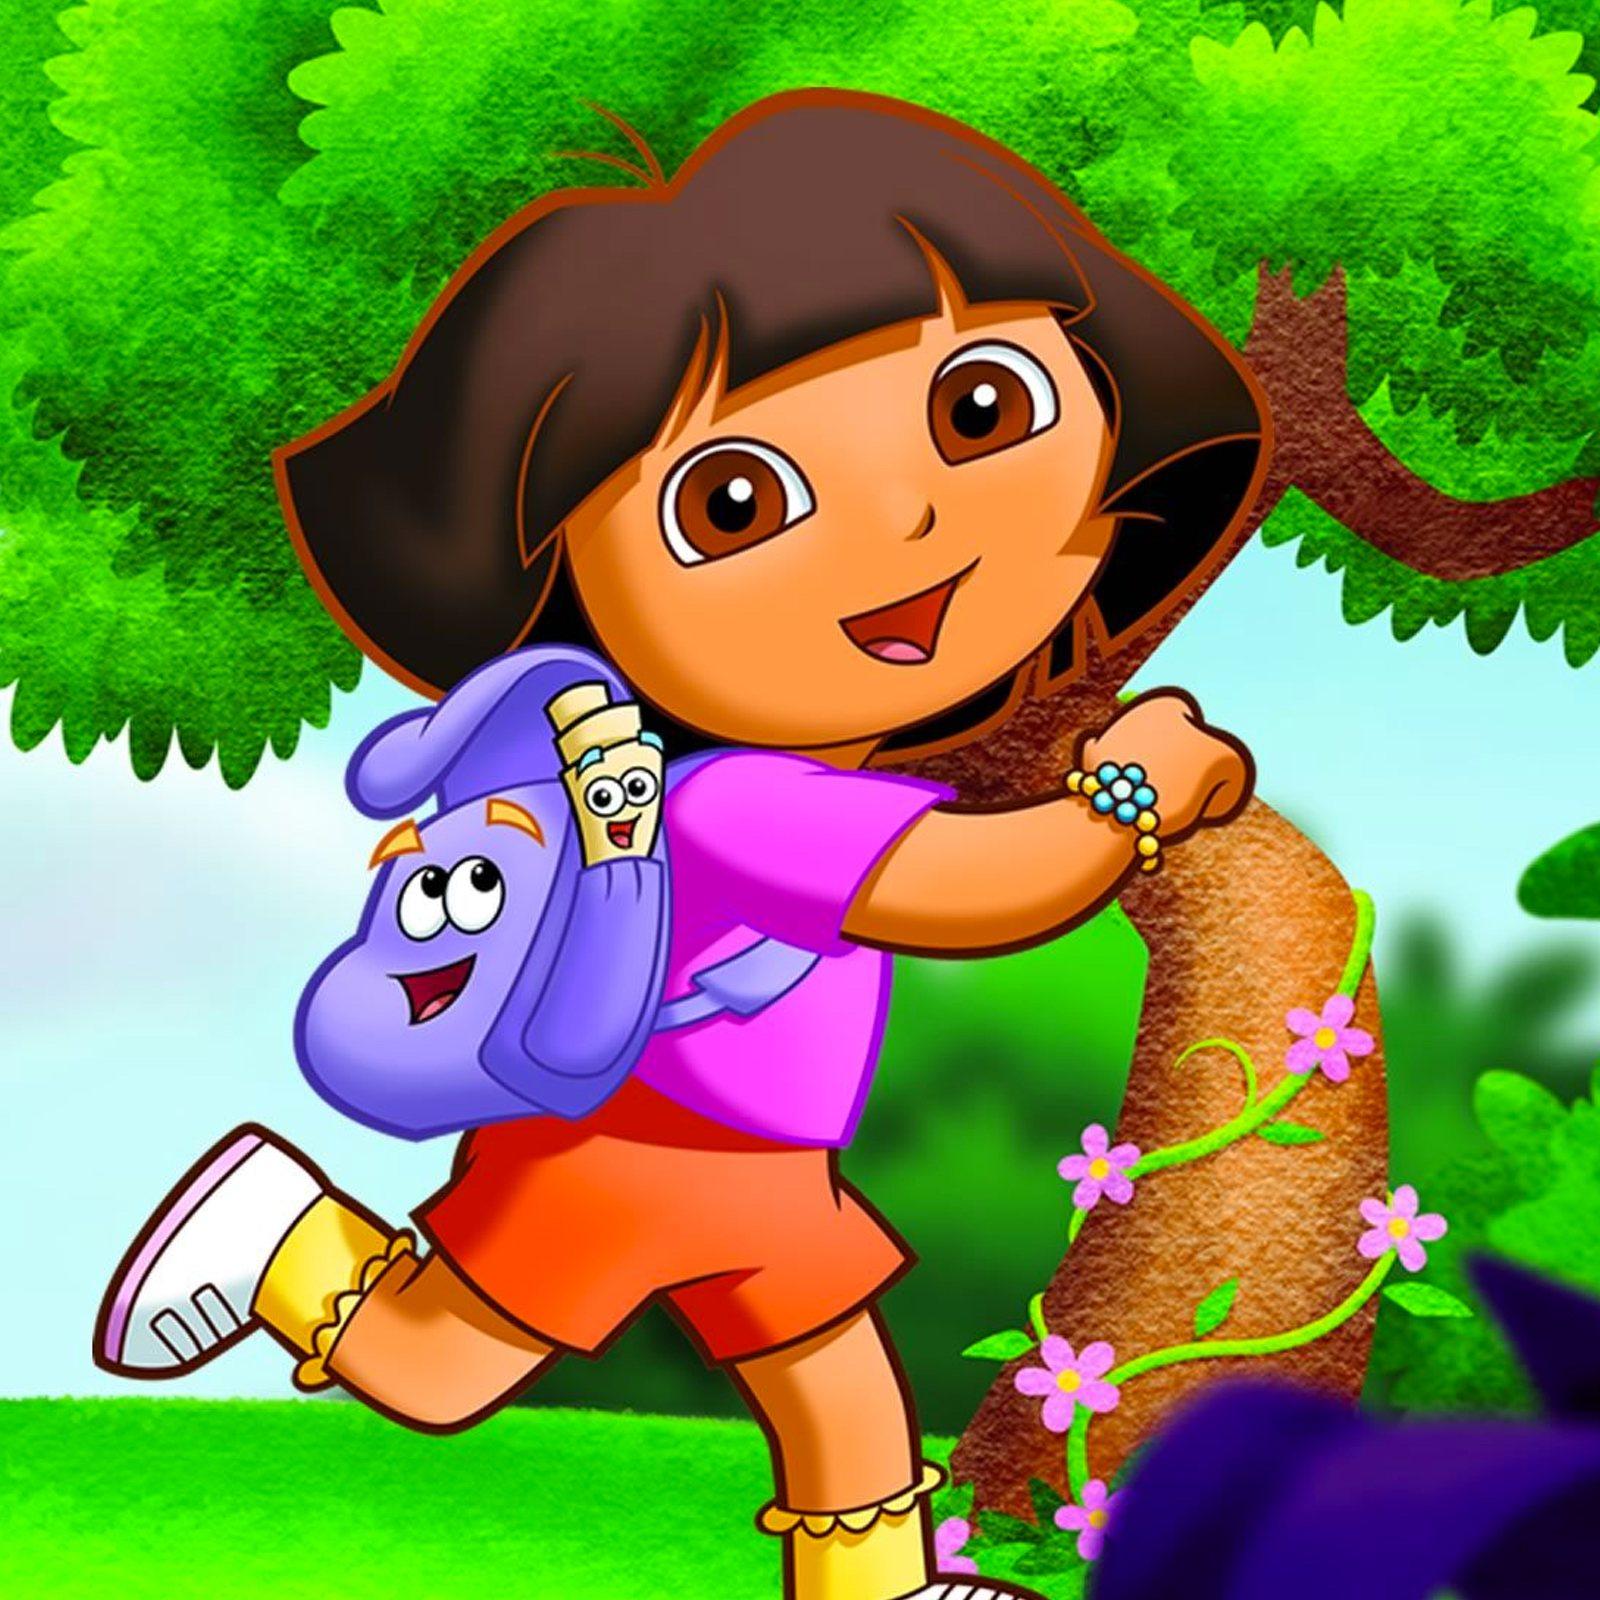 Dora La Exploradora Primera Imagen De La Película De Acción Real Producida Por Michael Bay Ecartelera